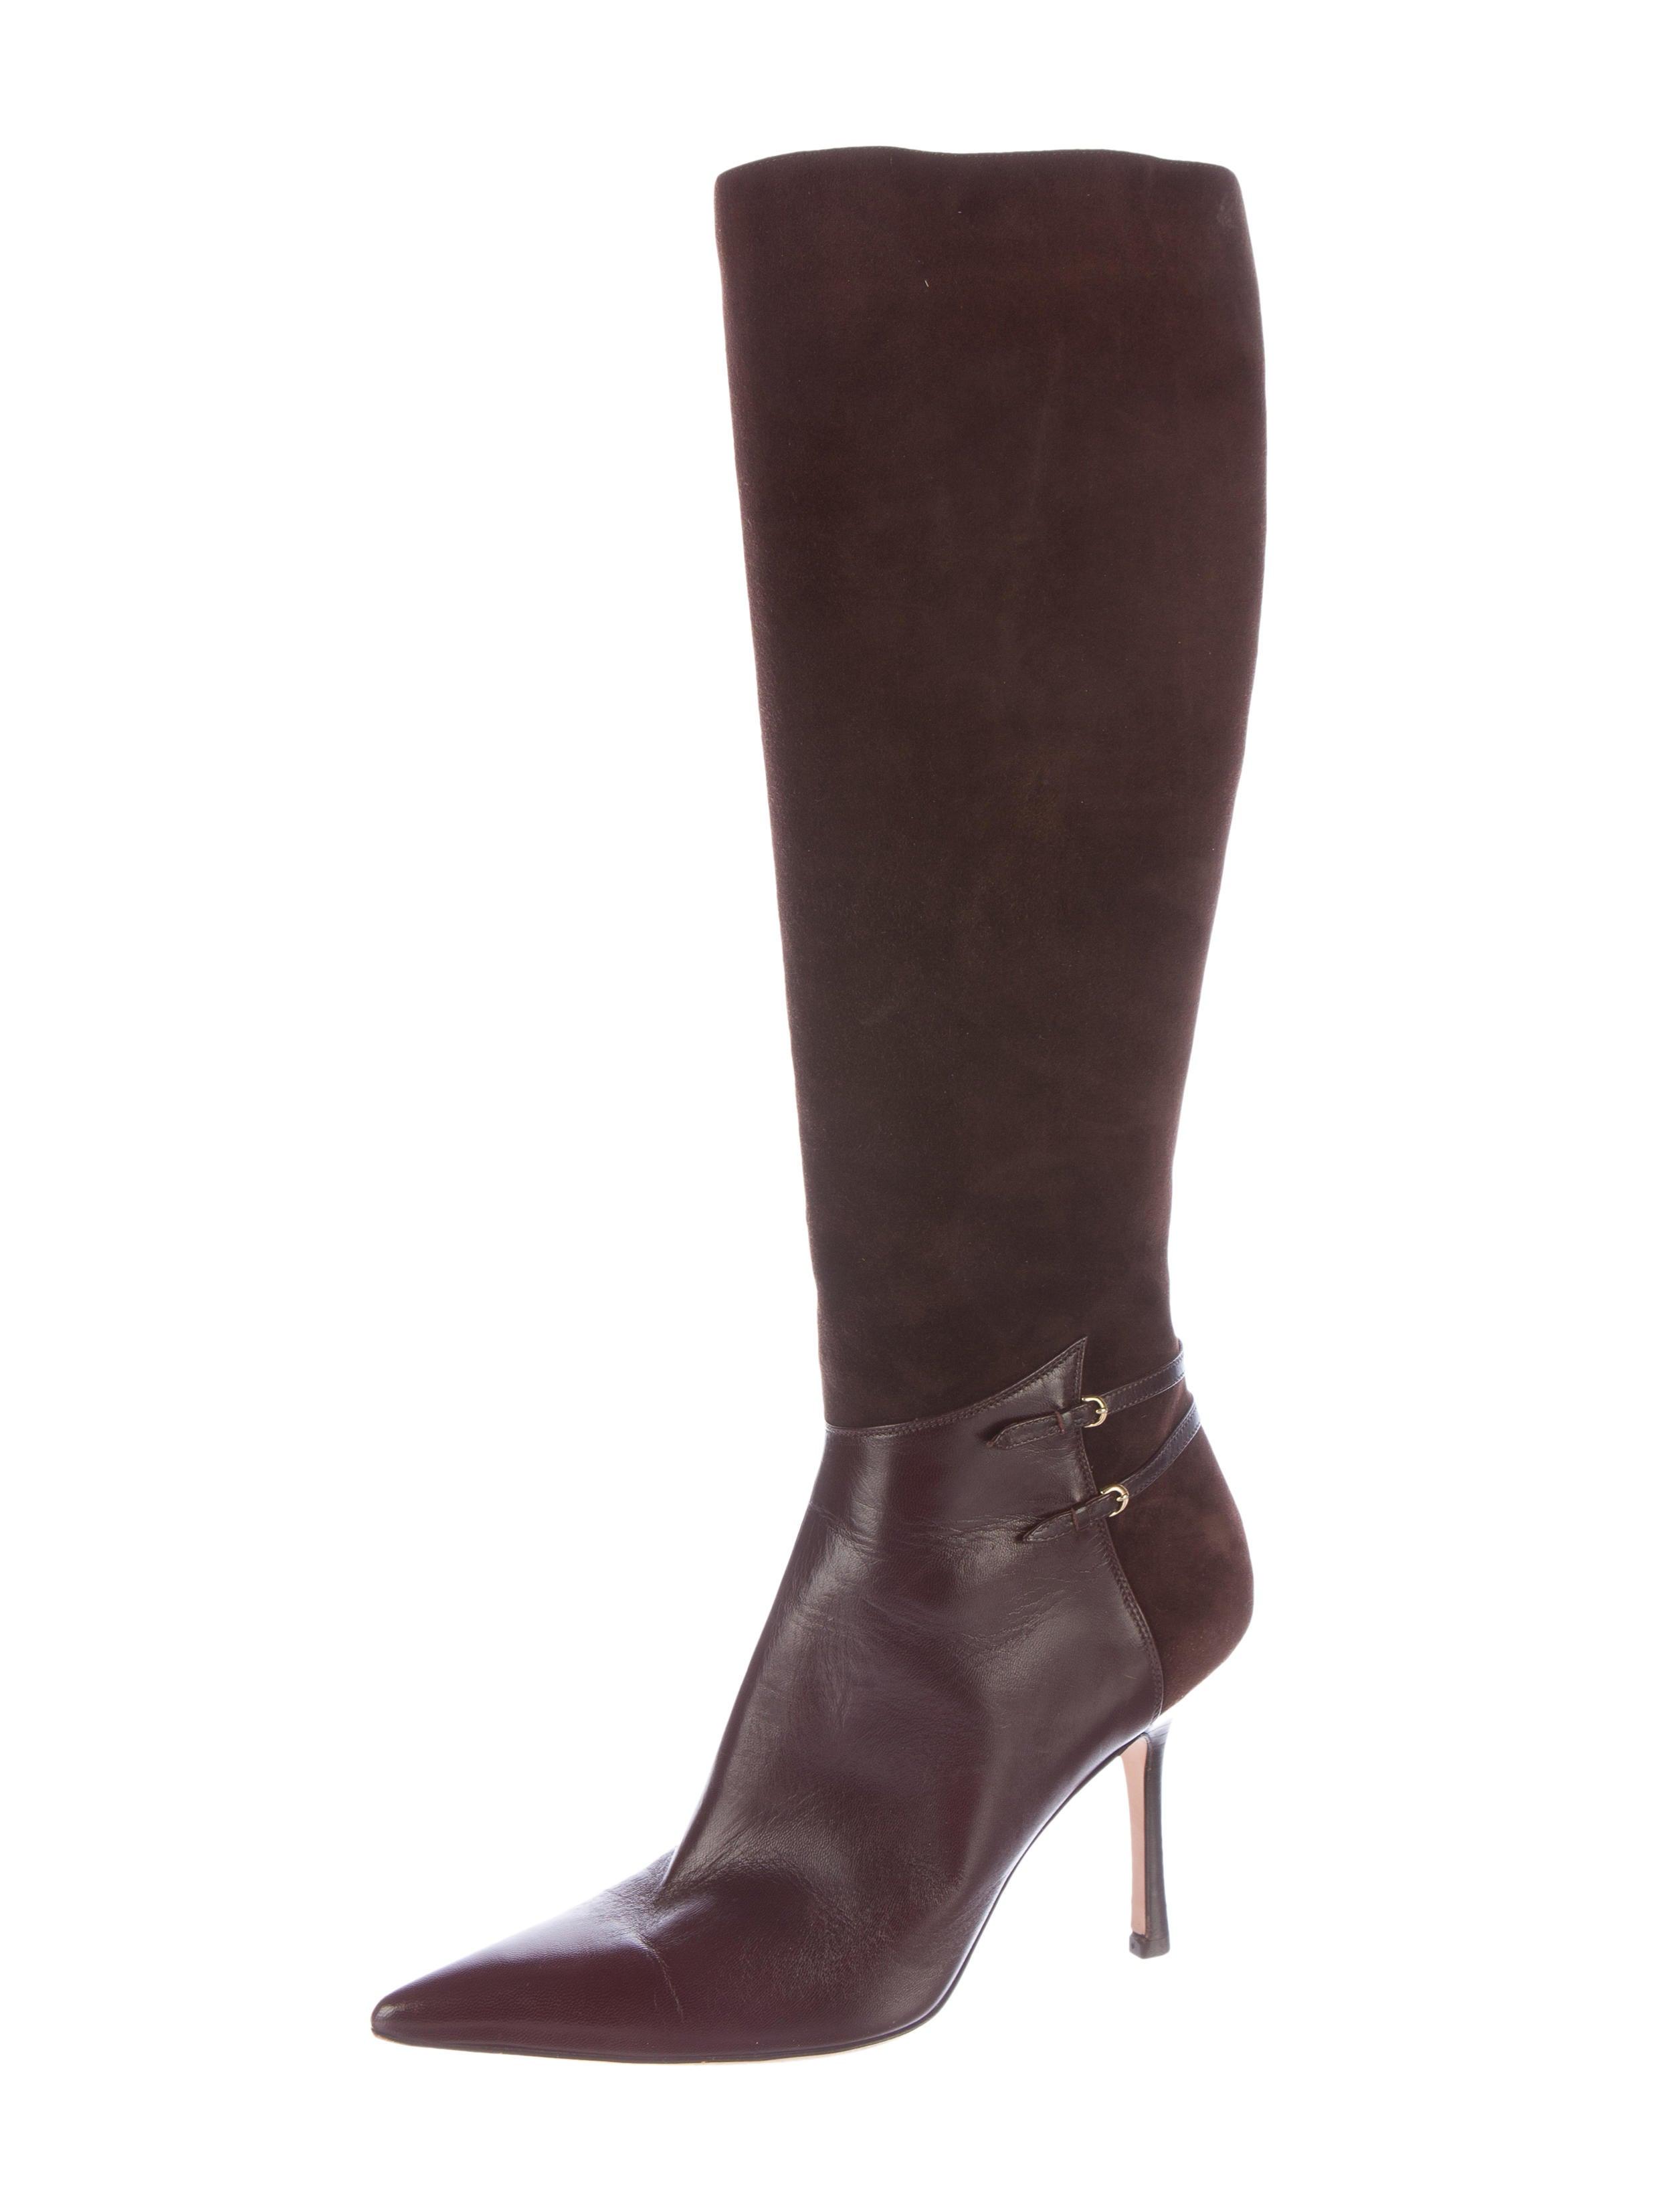 oscar de la renta suede leather knee high boots shoes